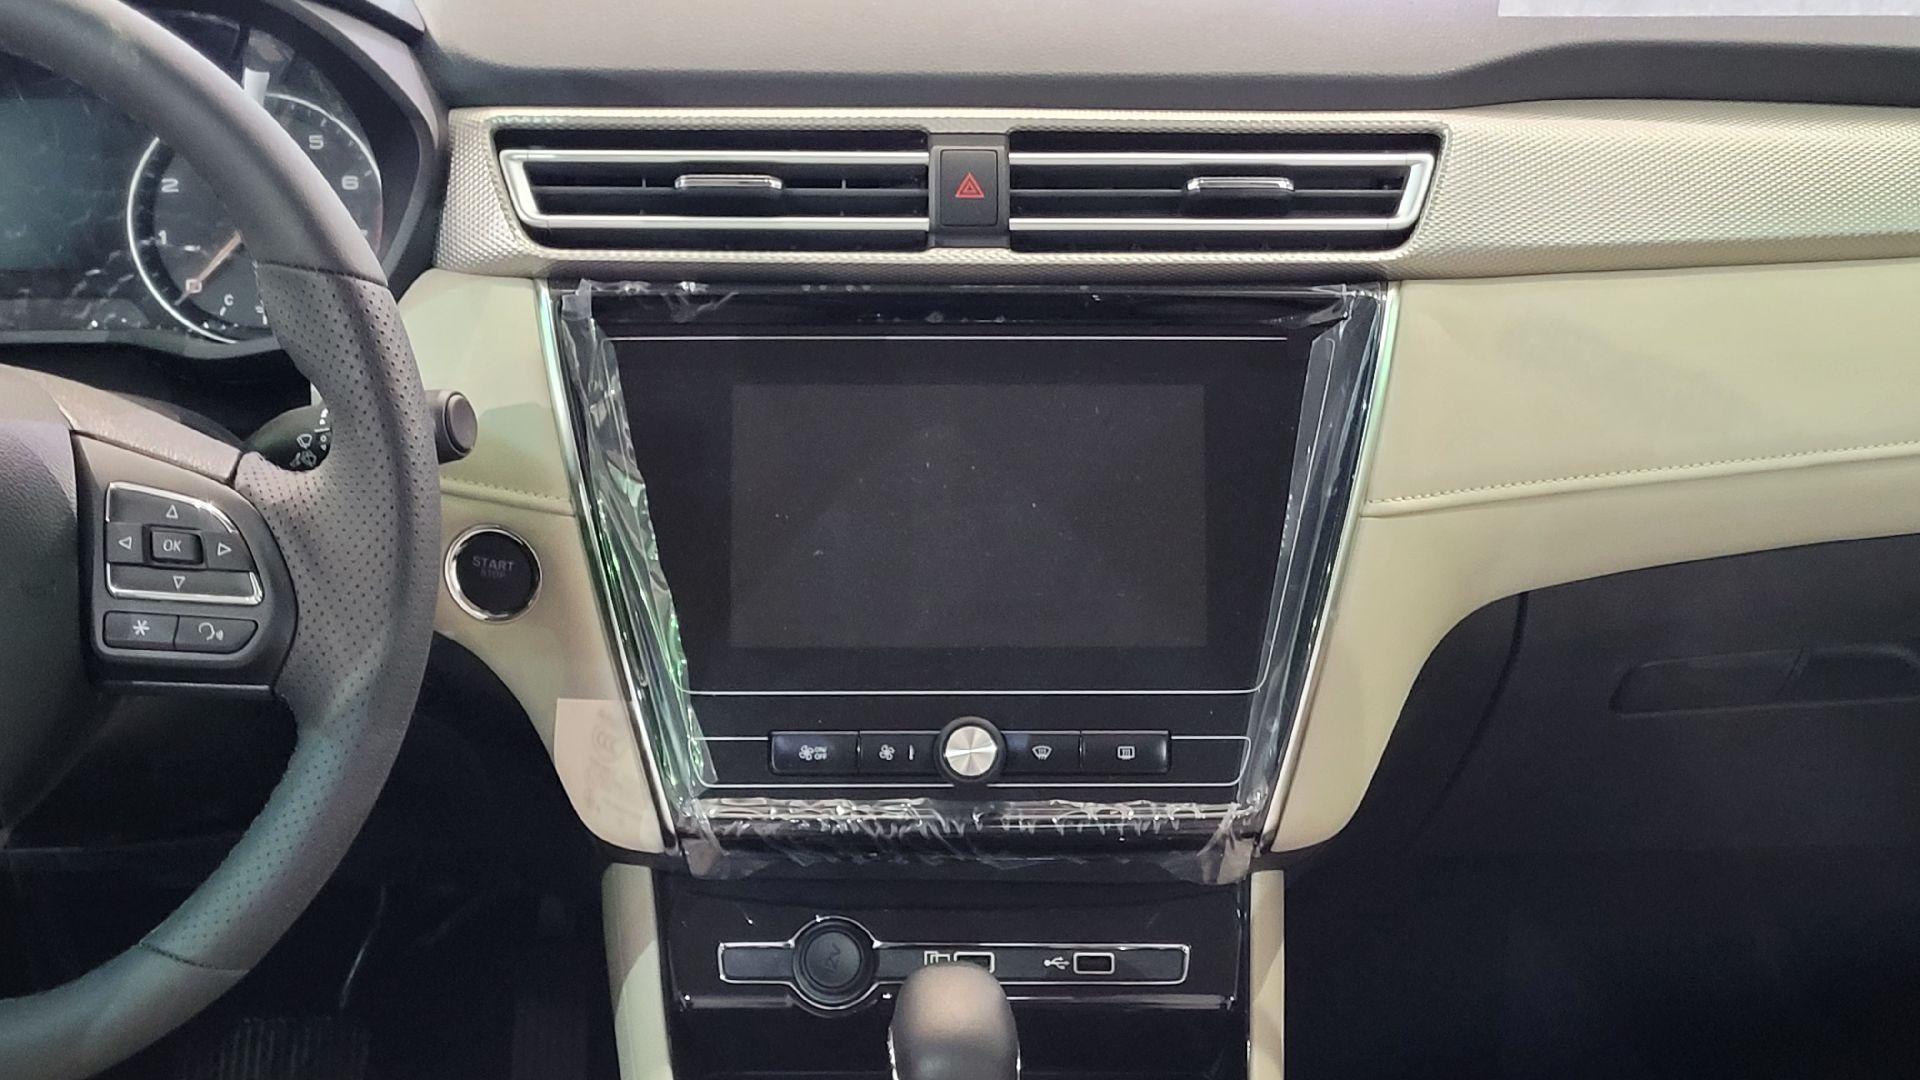 مباع - MG 5 نص فل COM سعودي 2021 جديد للبيع في الرياض - السعودية - صورة كبيرة - 10